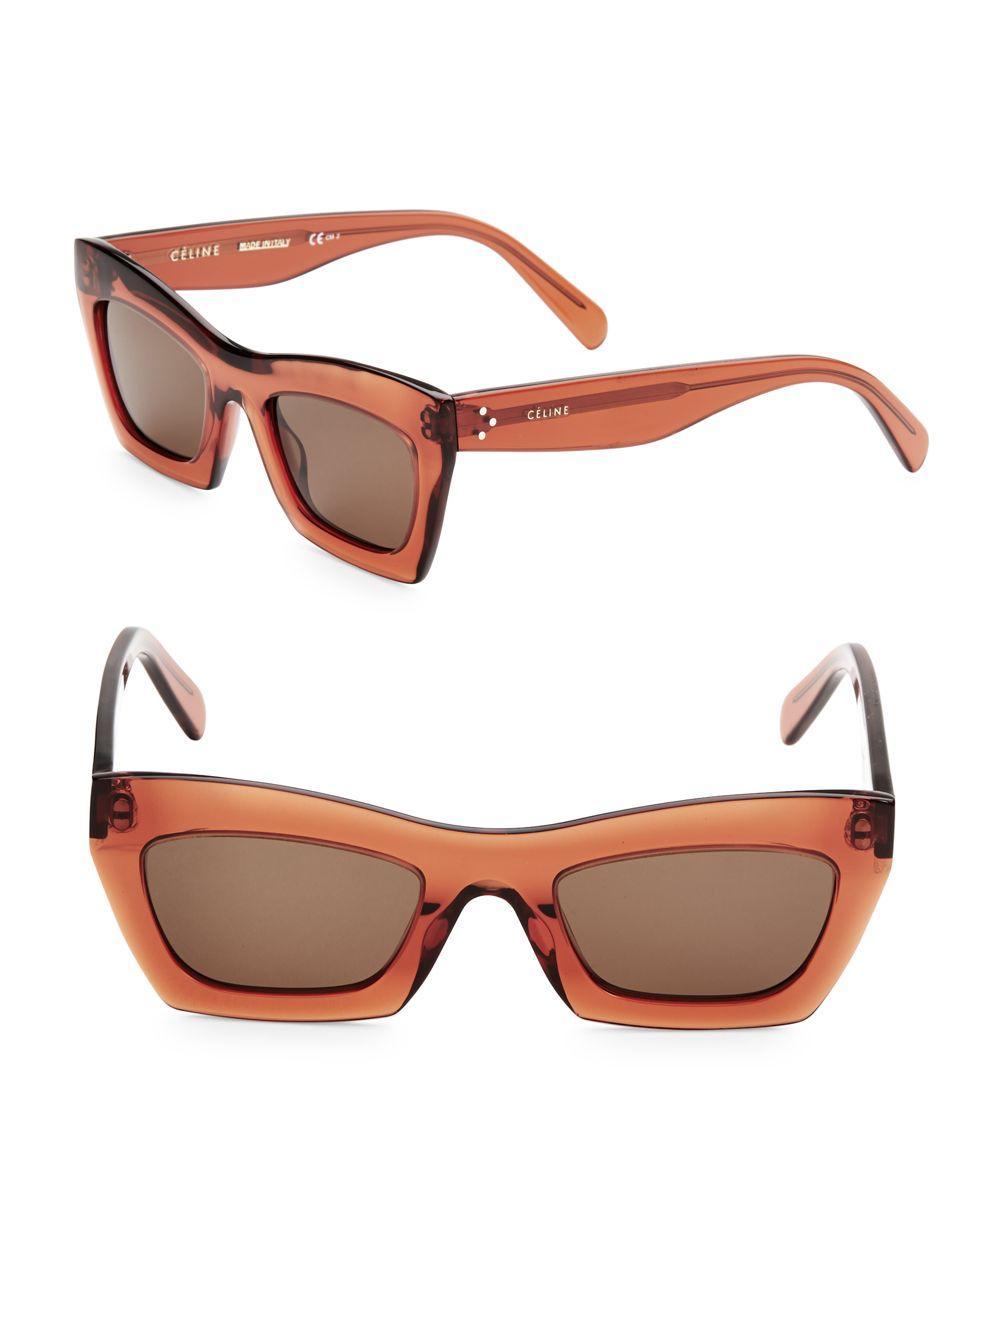 39395b5868 Céline 50mm Rectangular Sunglasses in Orange - Lyst